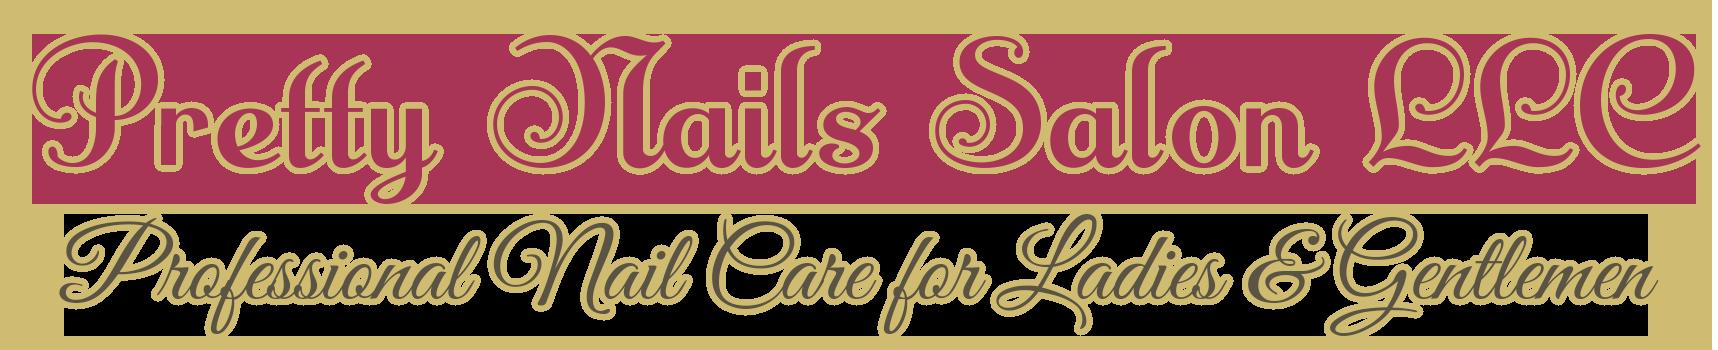 Pretty Nails Salon - Nail salon in Denver, CO 80219